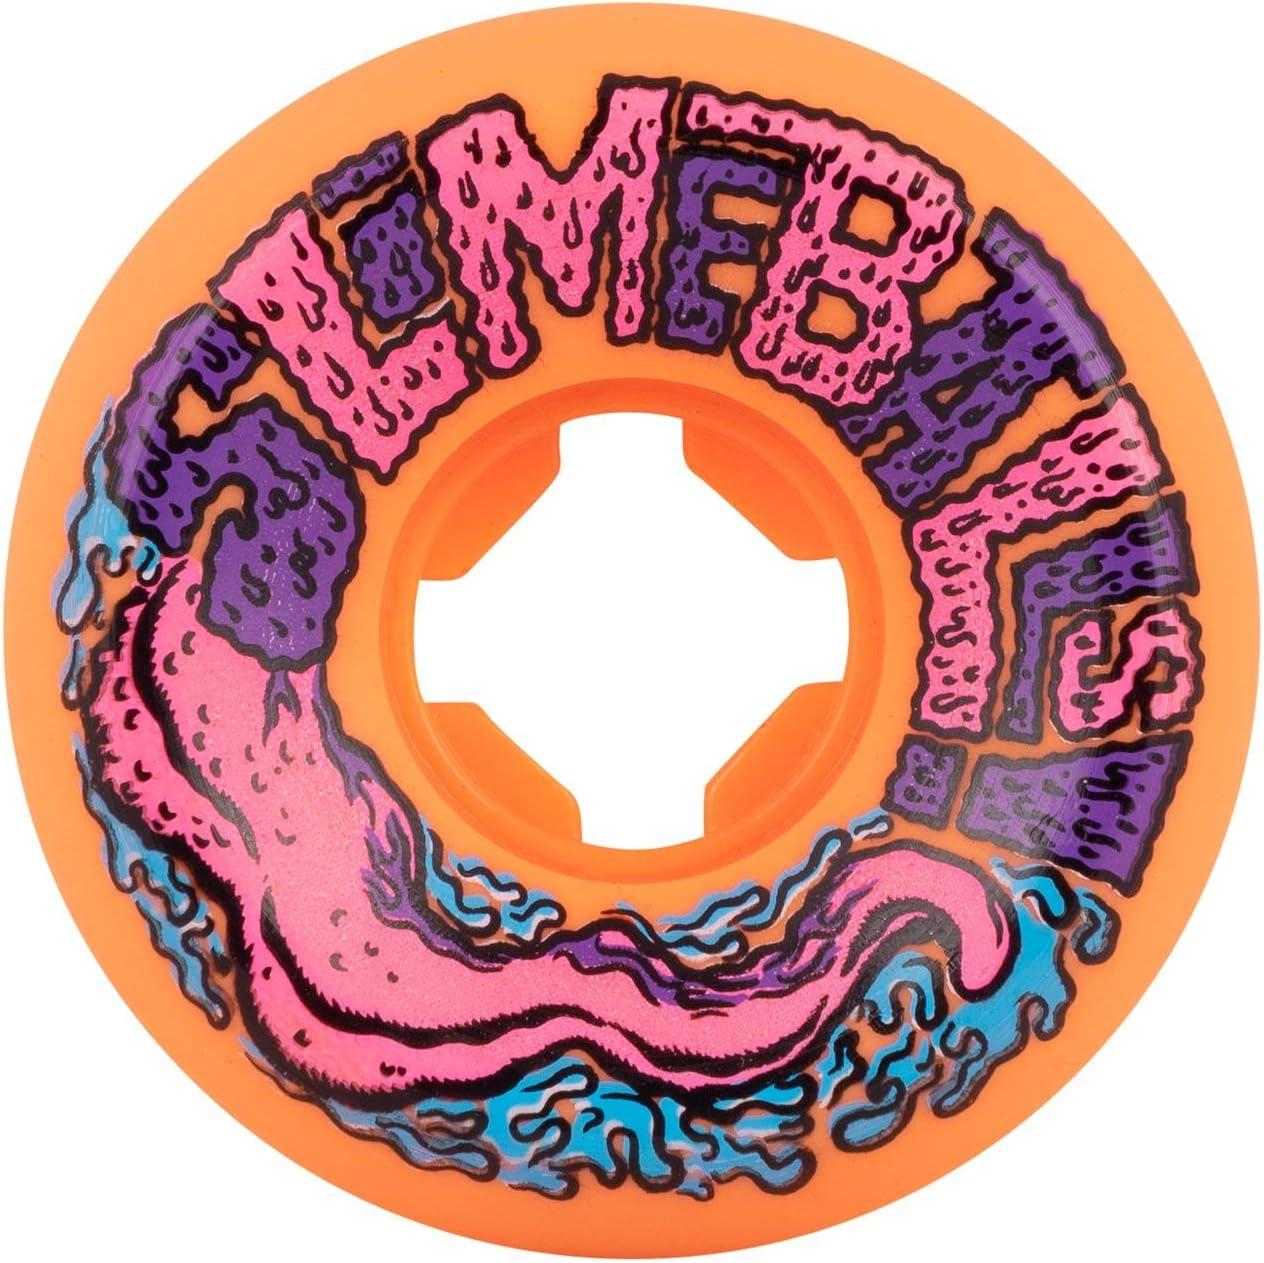 Slime Balls Slarve Vomit Mini 54mm 97a - Santa Cruz Slime Balls Wheels